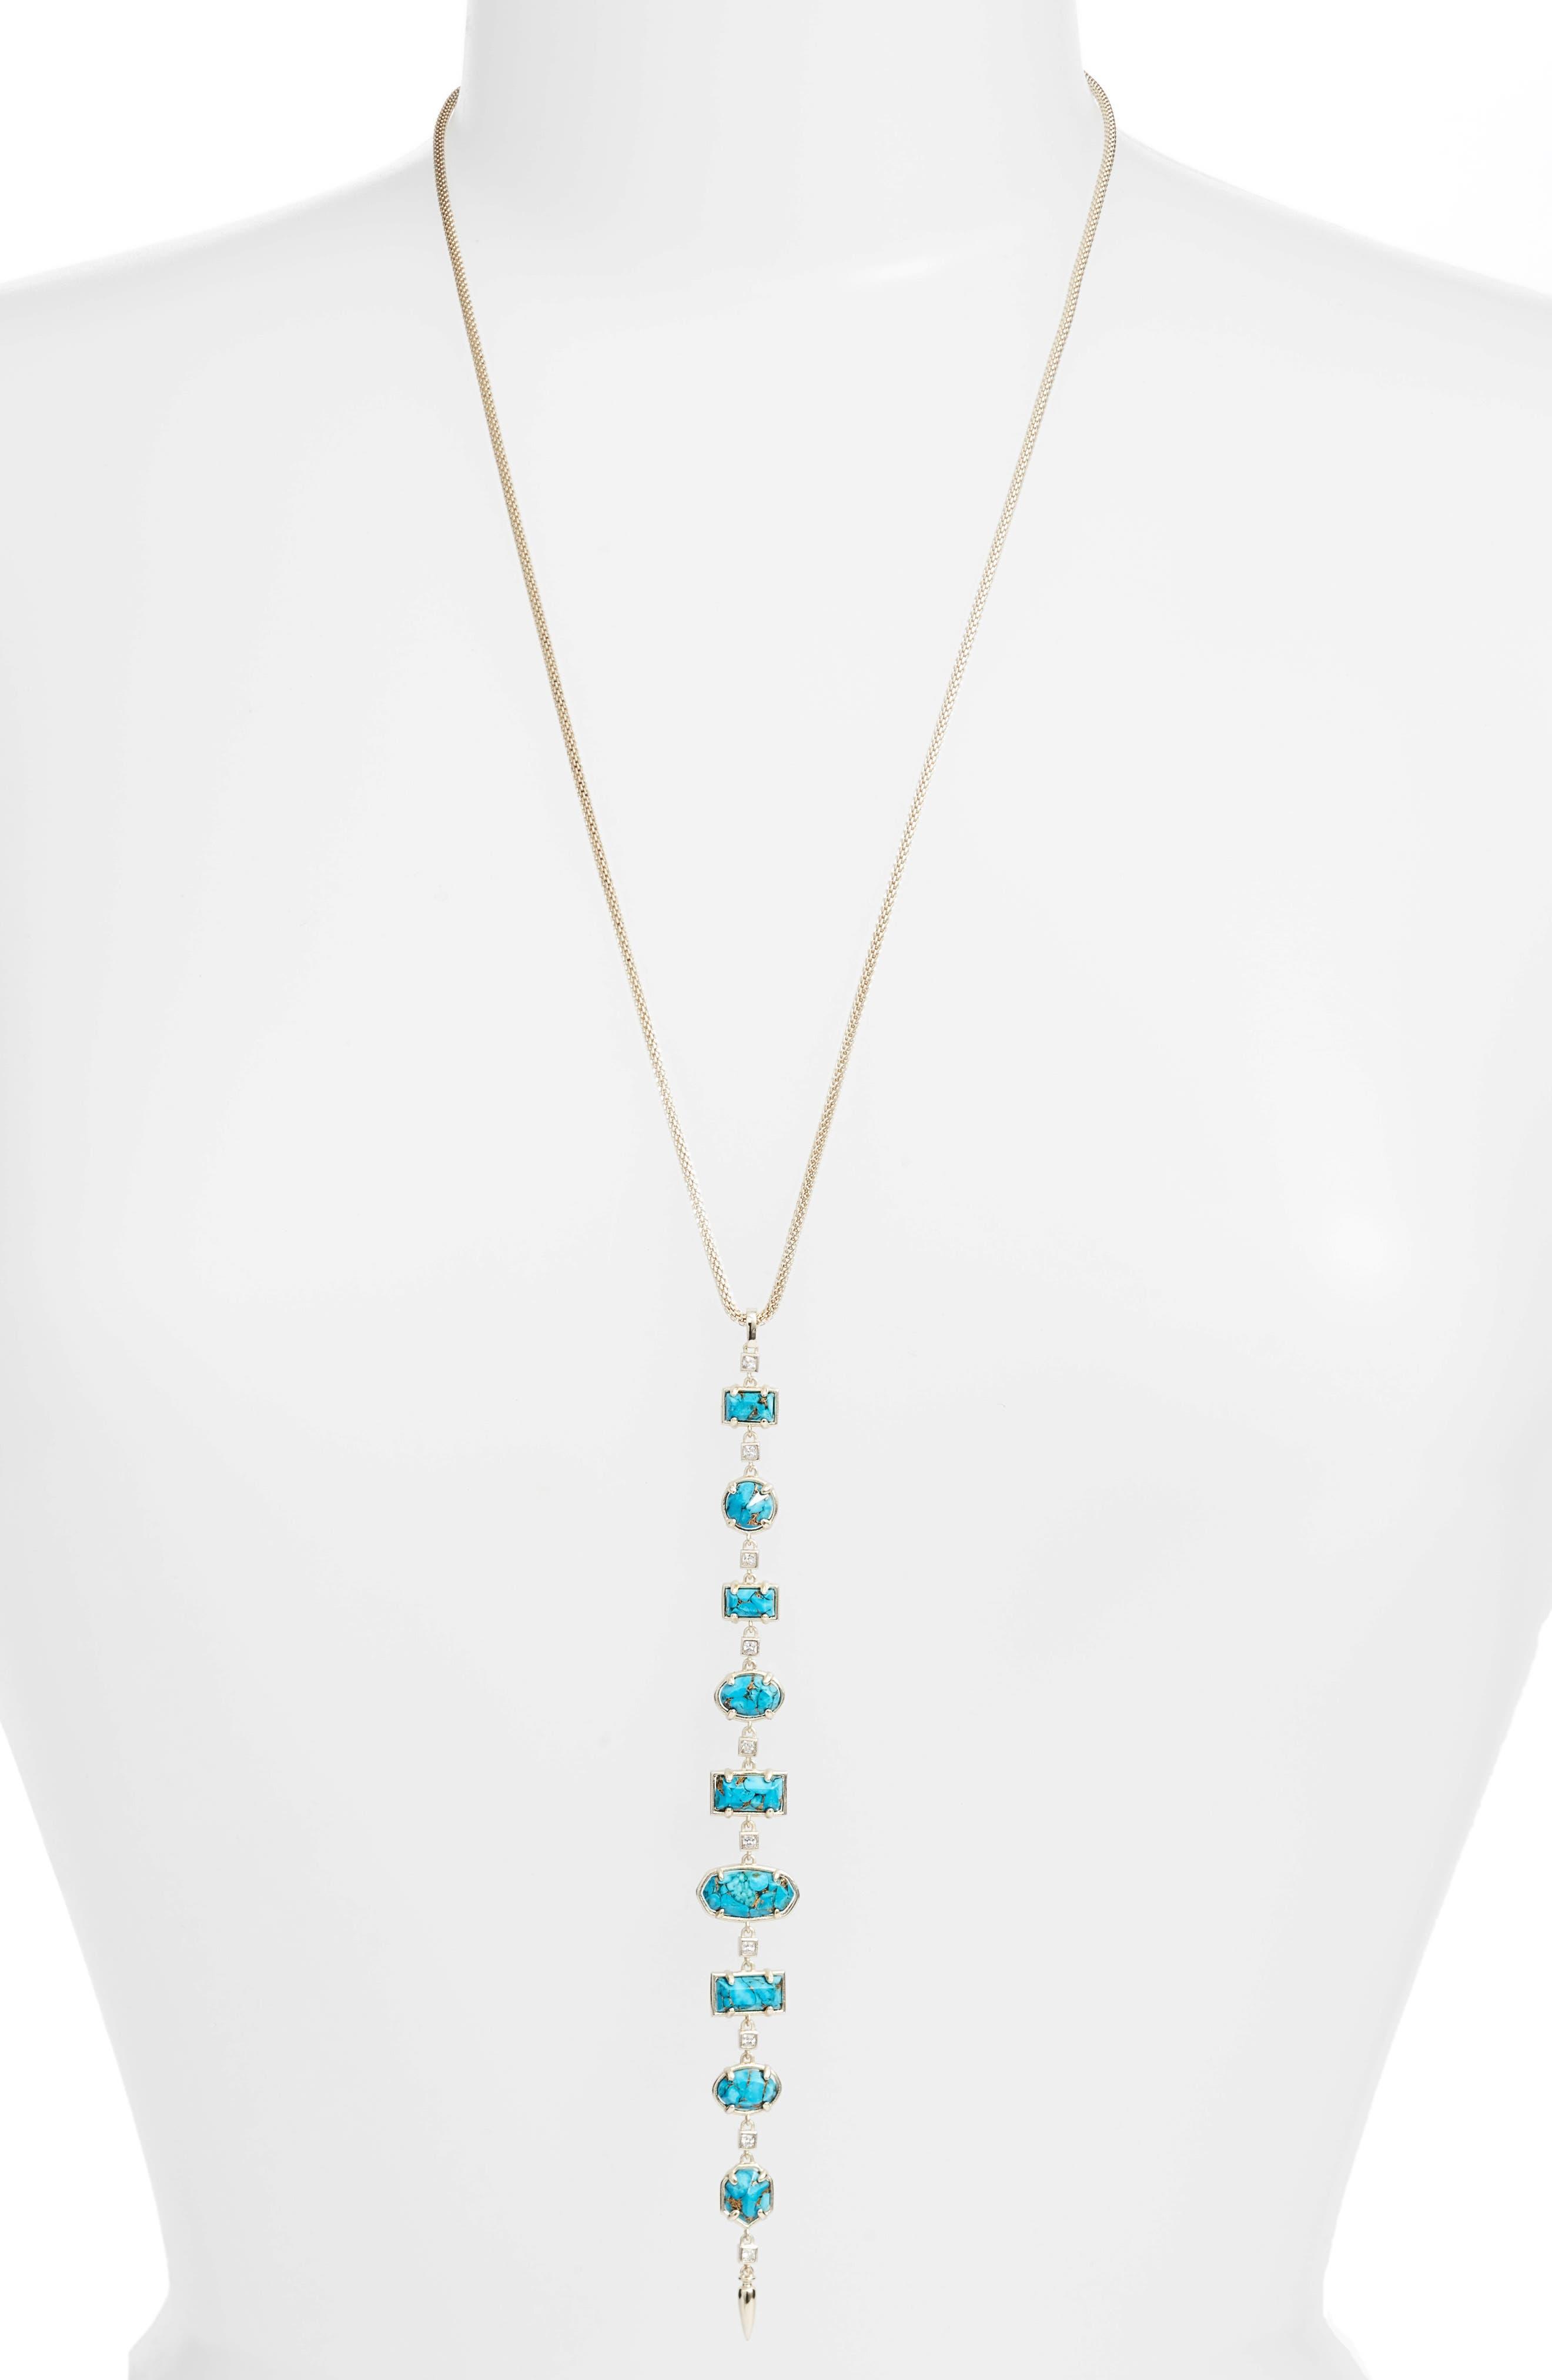 Kendra Scott Taniesja Linear Stone Drop Necklace FZAj5r